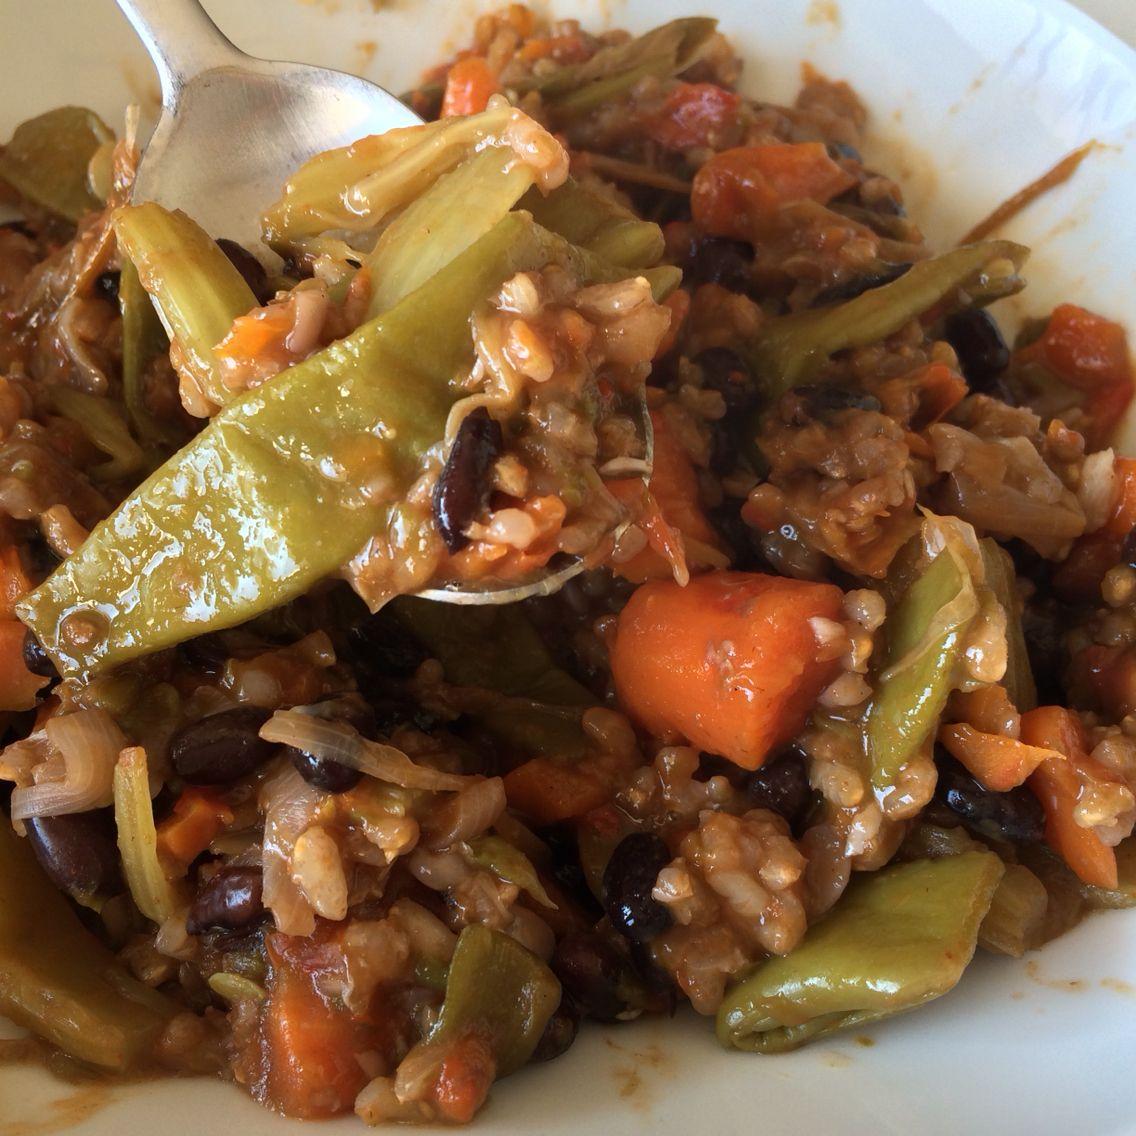 Estofado de verduras, judías  negras y arroz integral.